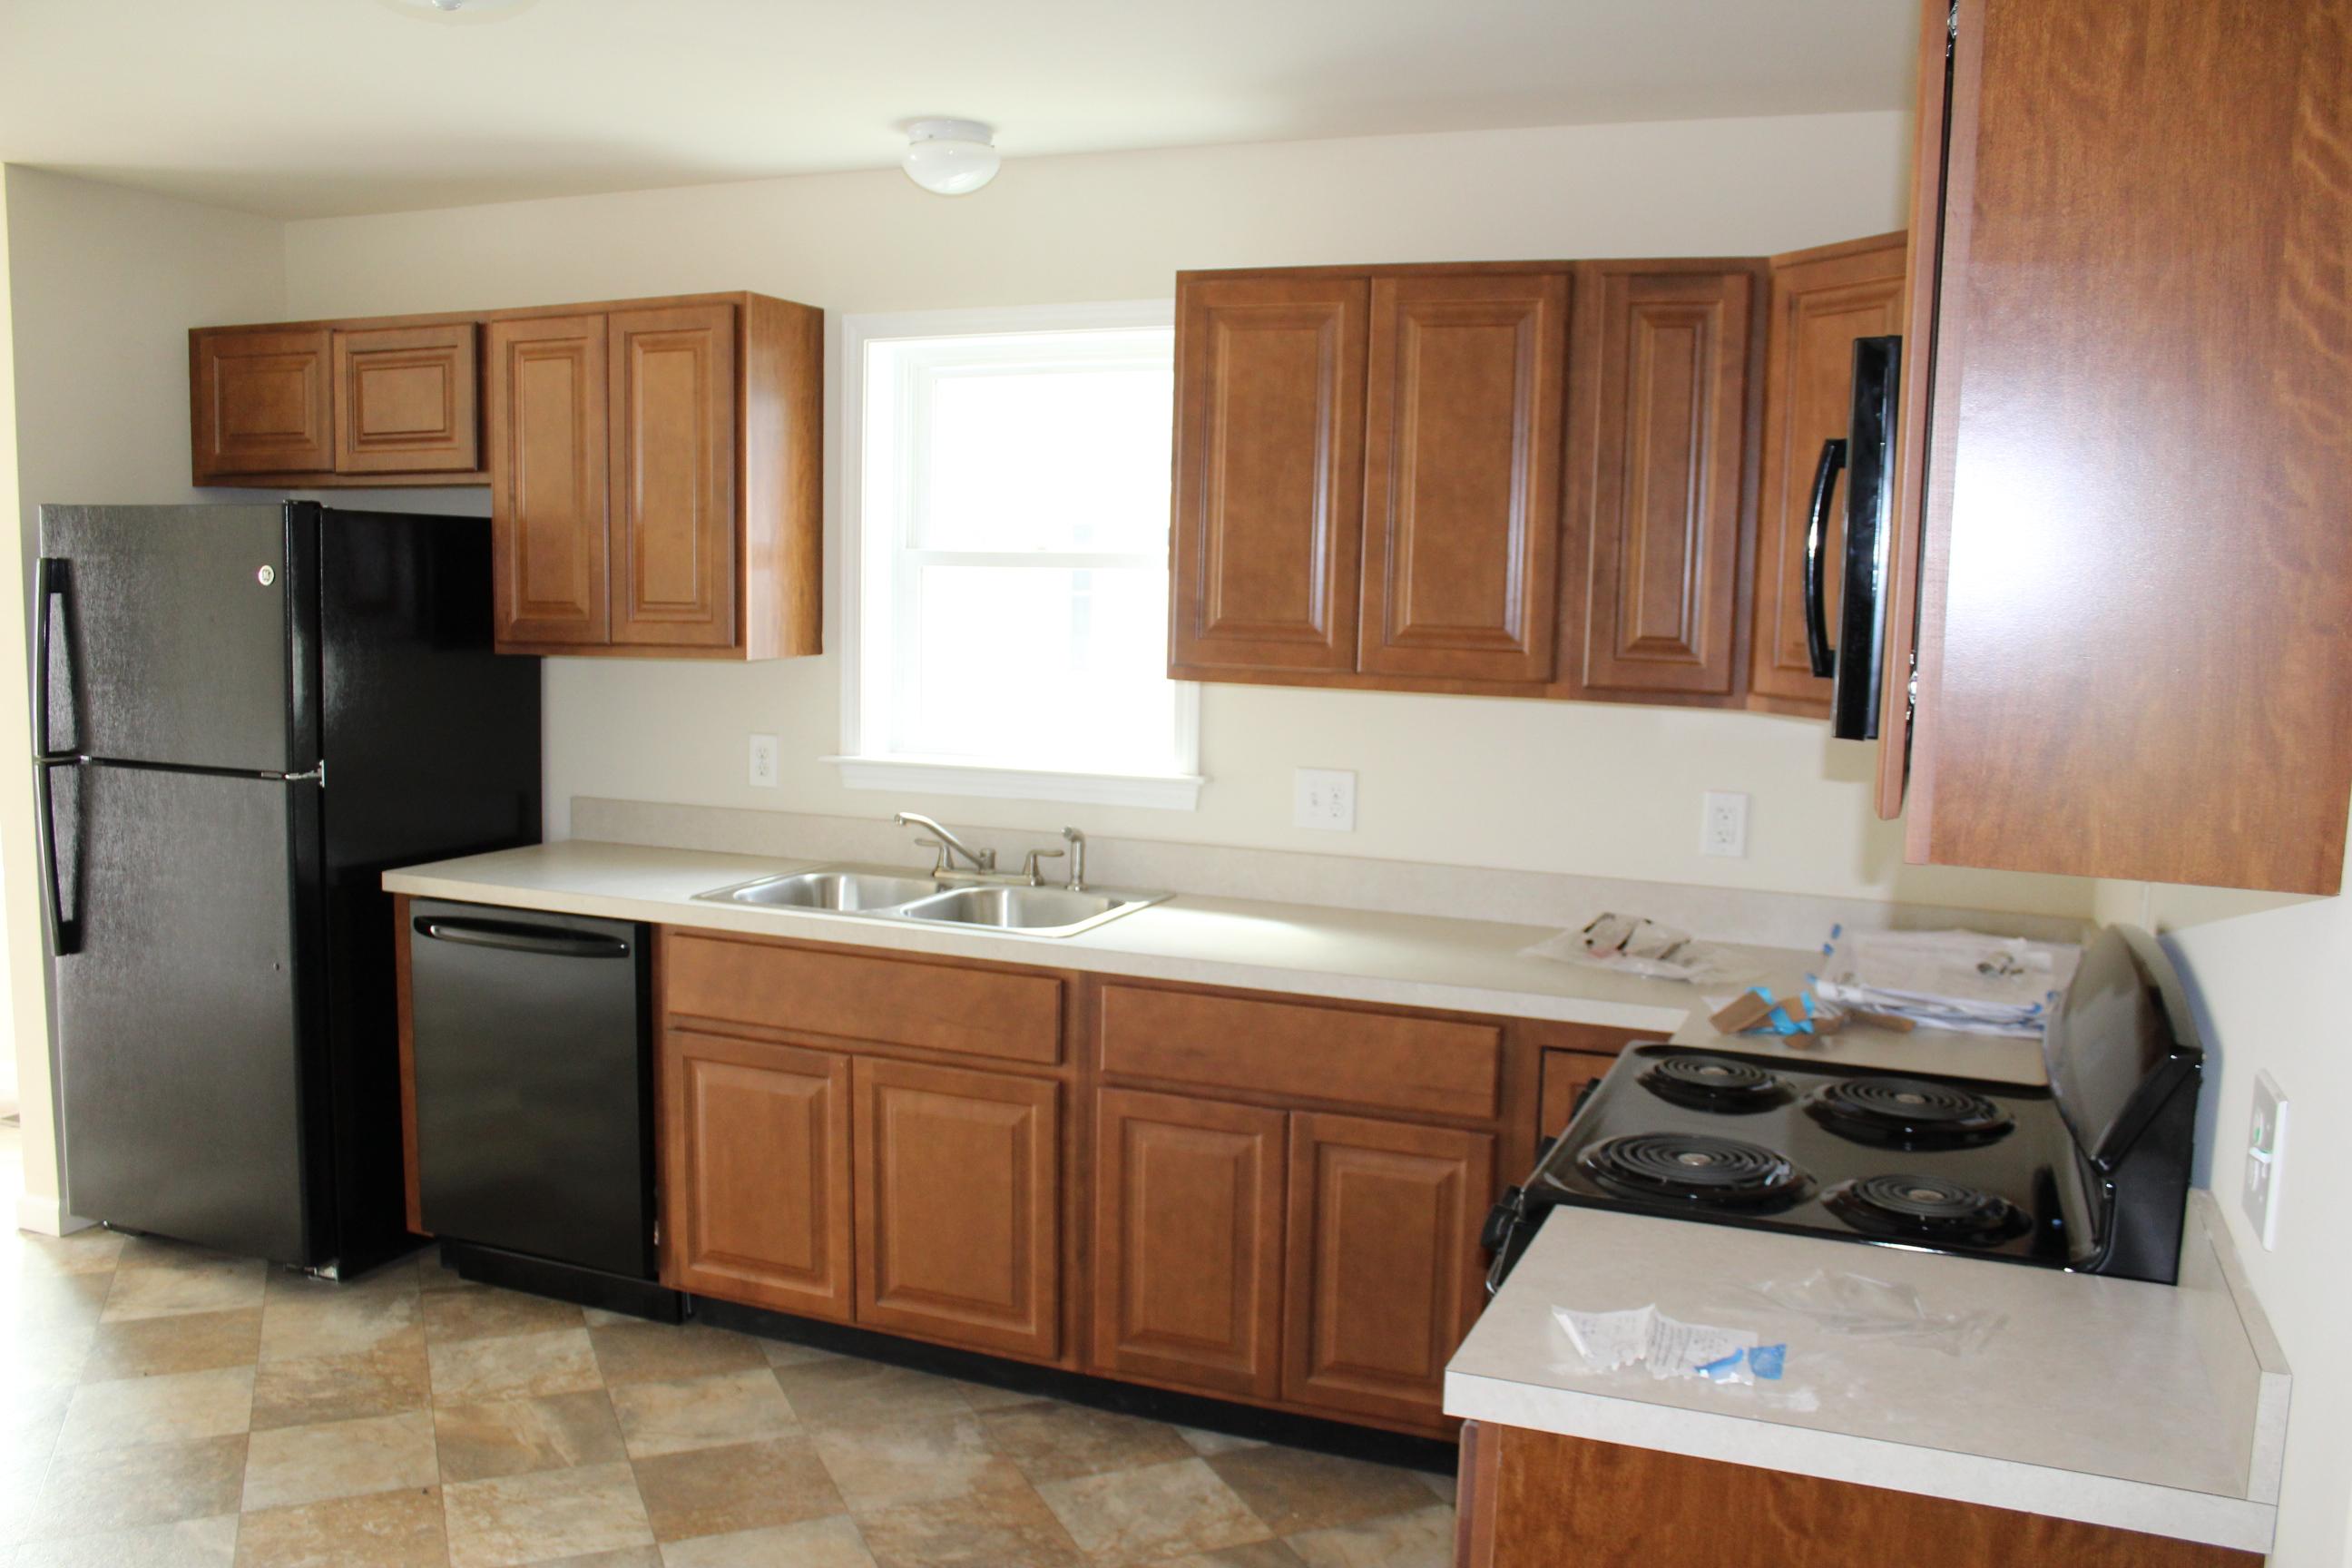 Kitchen of Mill Creek Crossings 3